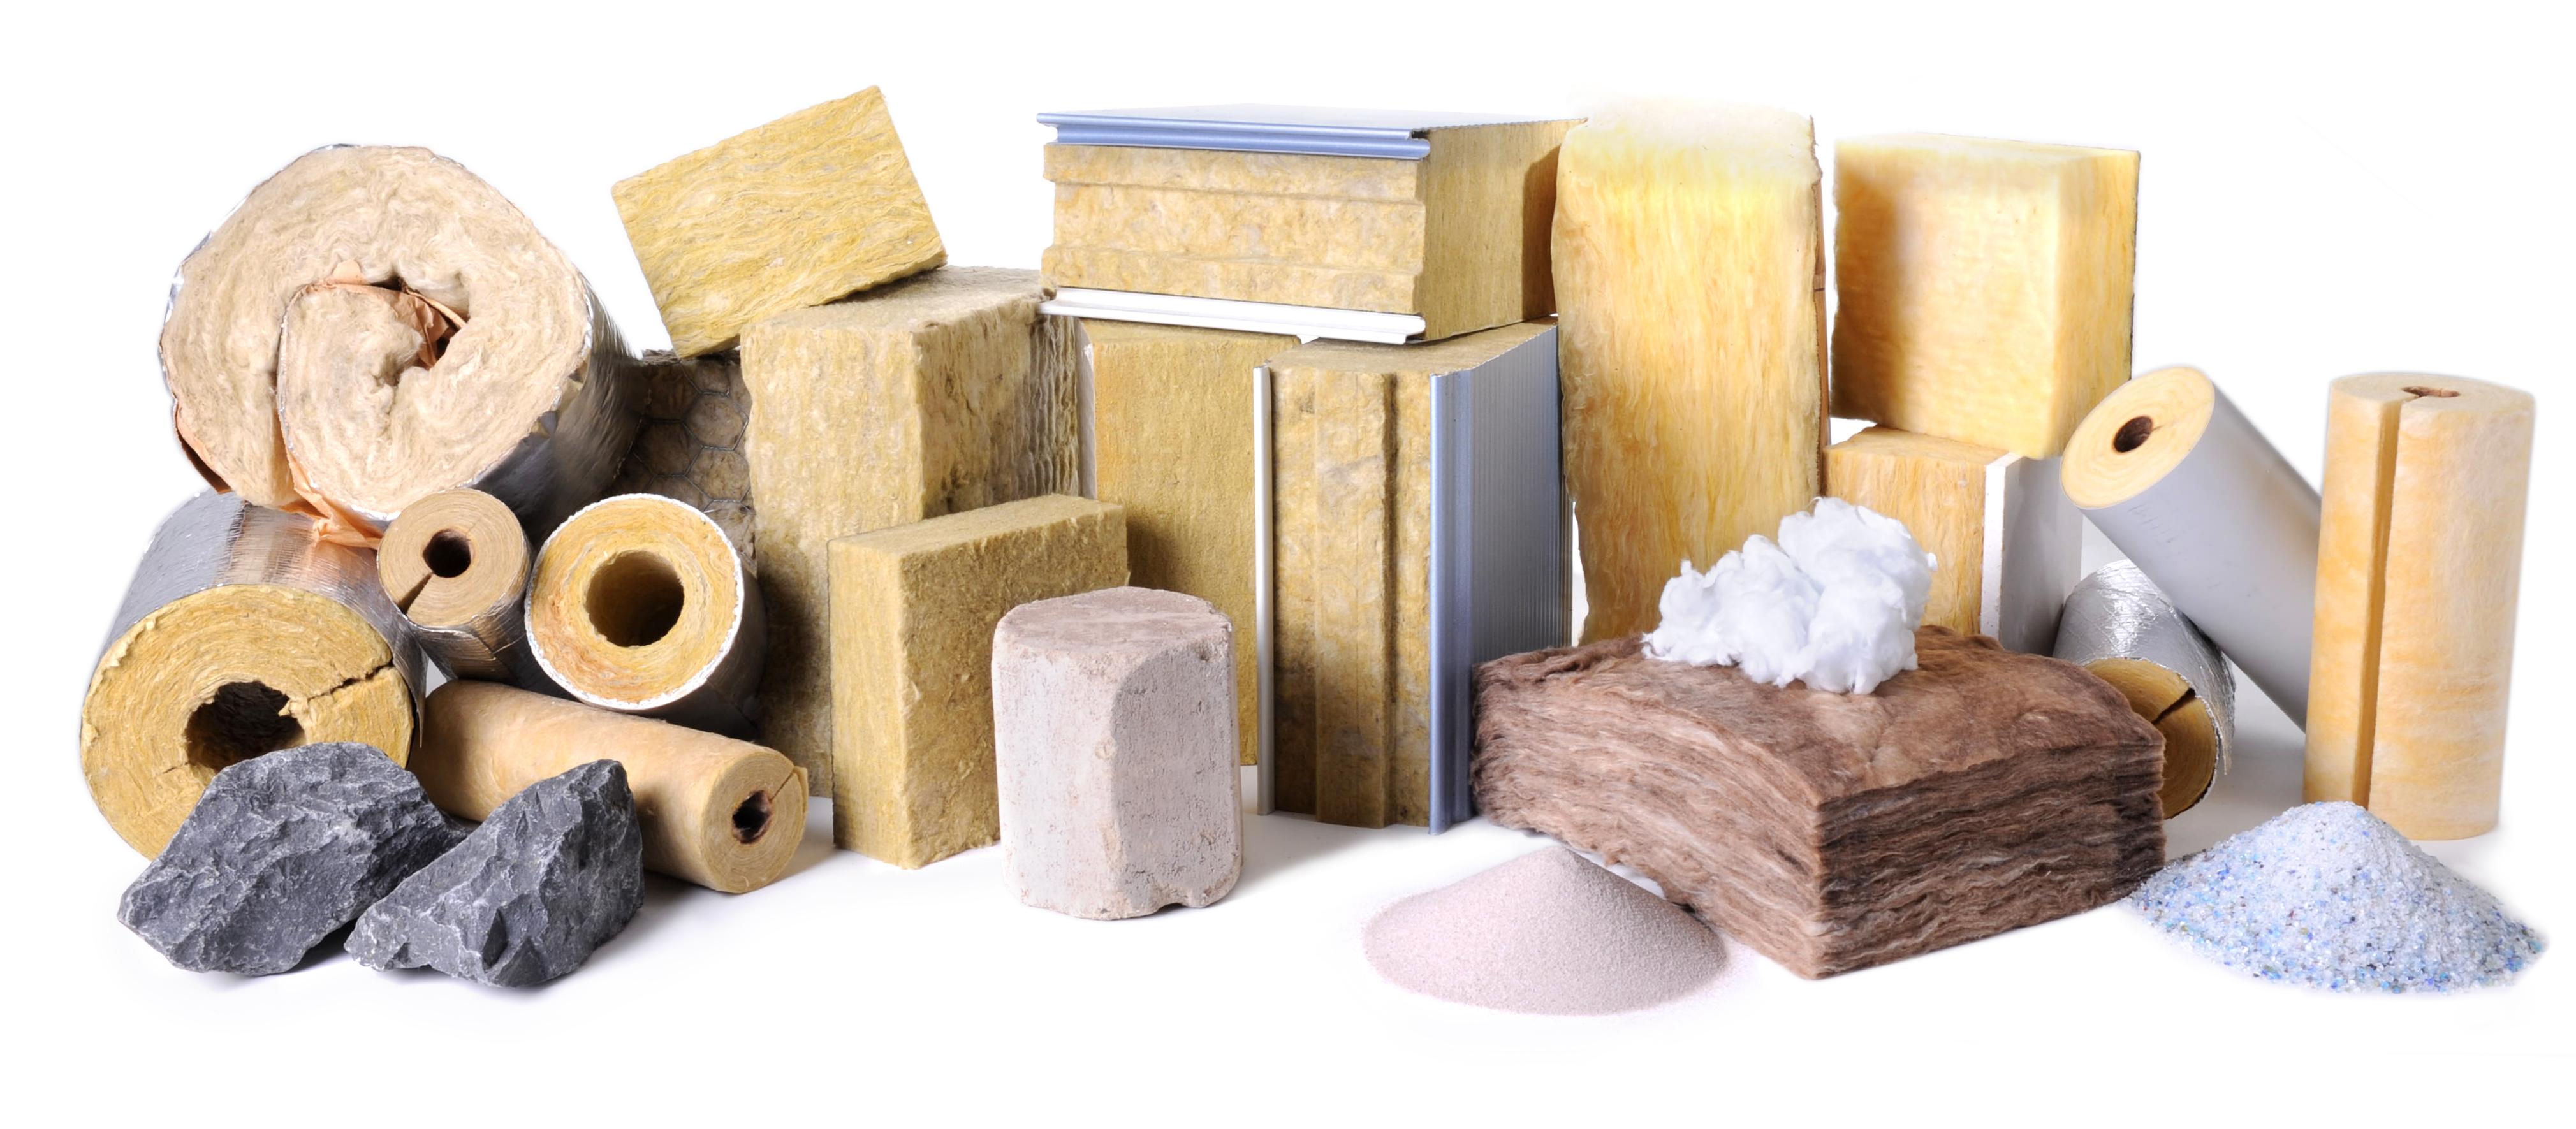 Aislamiento t rmico o como hacer tu vivienda m s eficiente - Mejores aislantes termicos ...